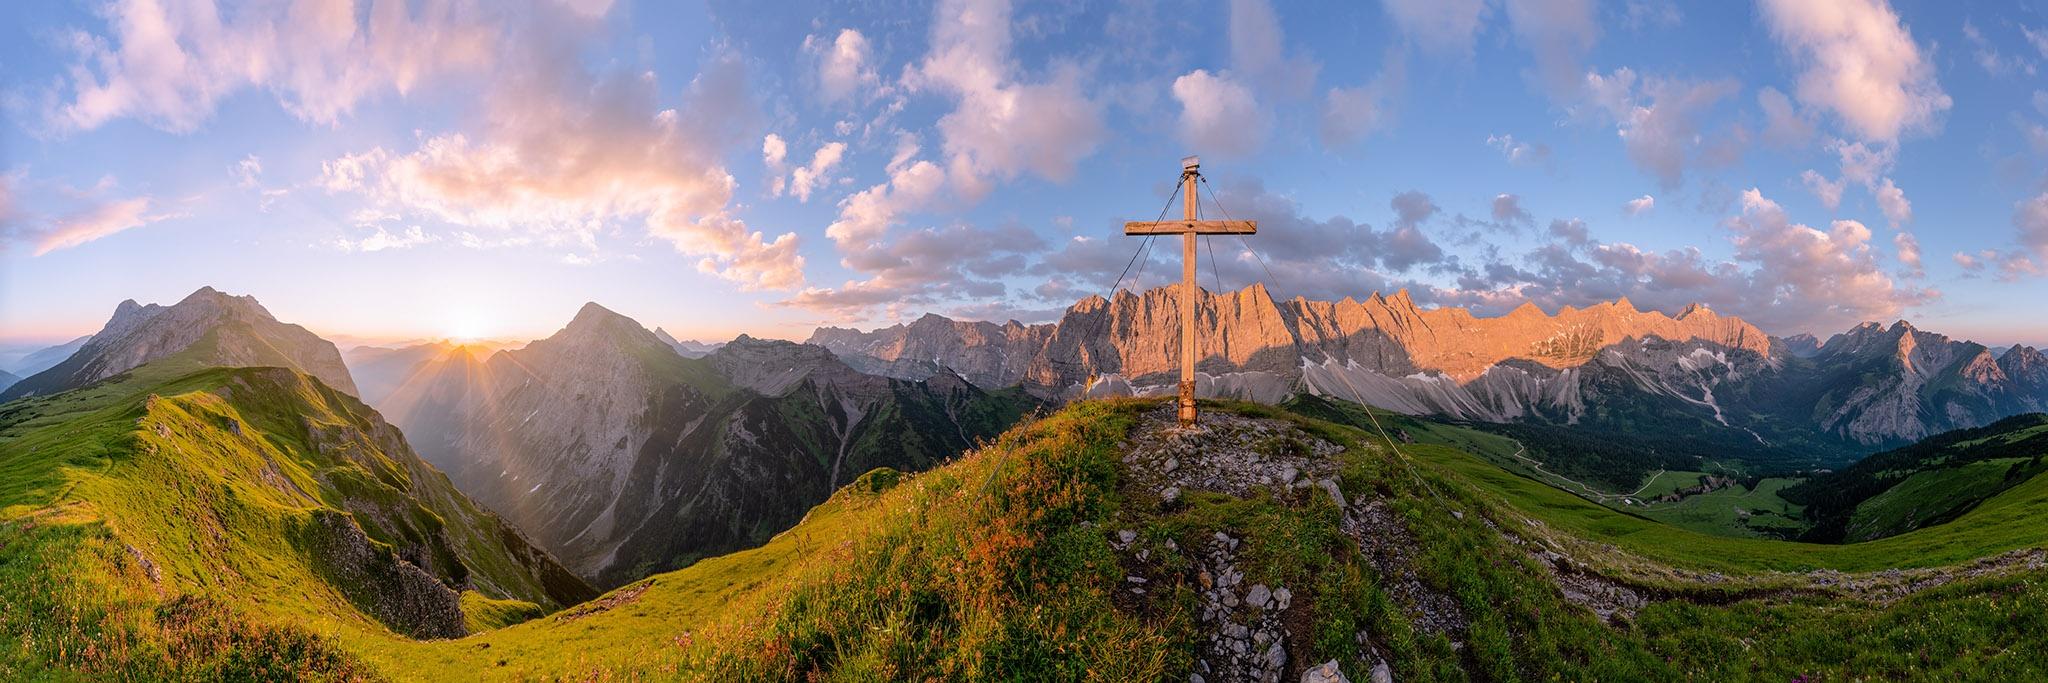 Karwendel, Sonnenaufgang, Herrgottswinkel, Berglandschaft, Karwendelgebirge